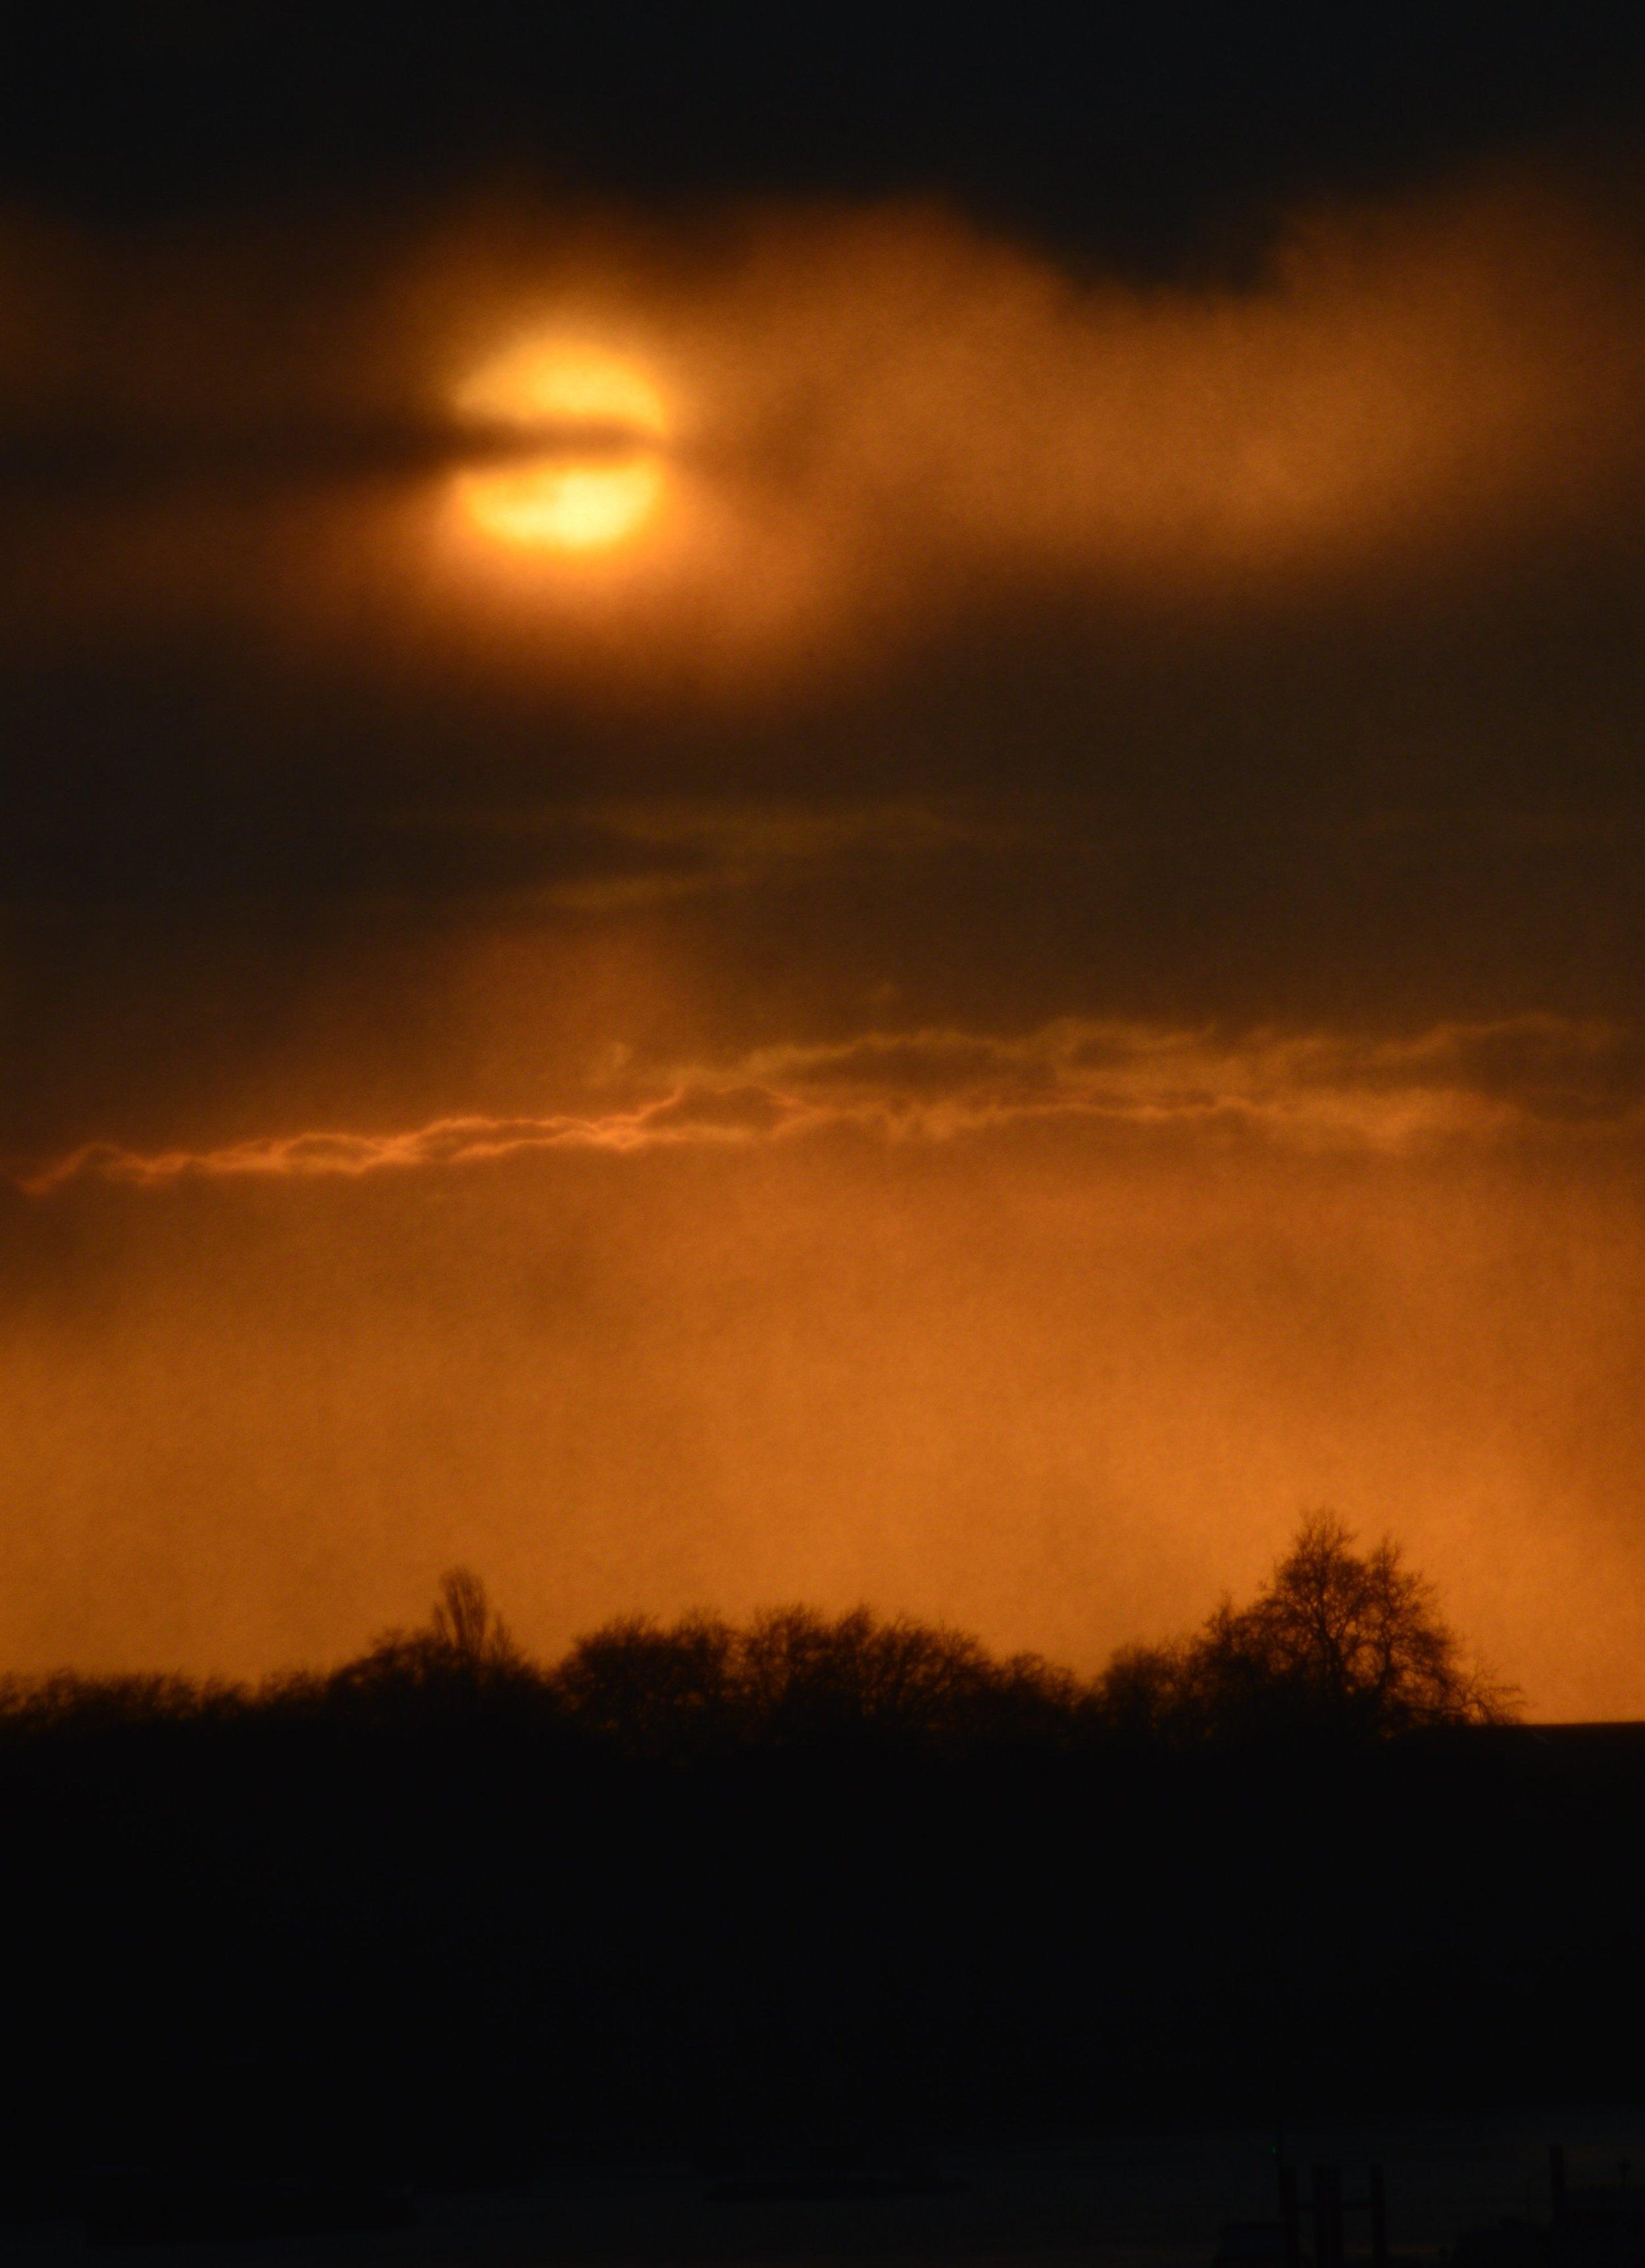 Sun shrouded by rain